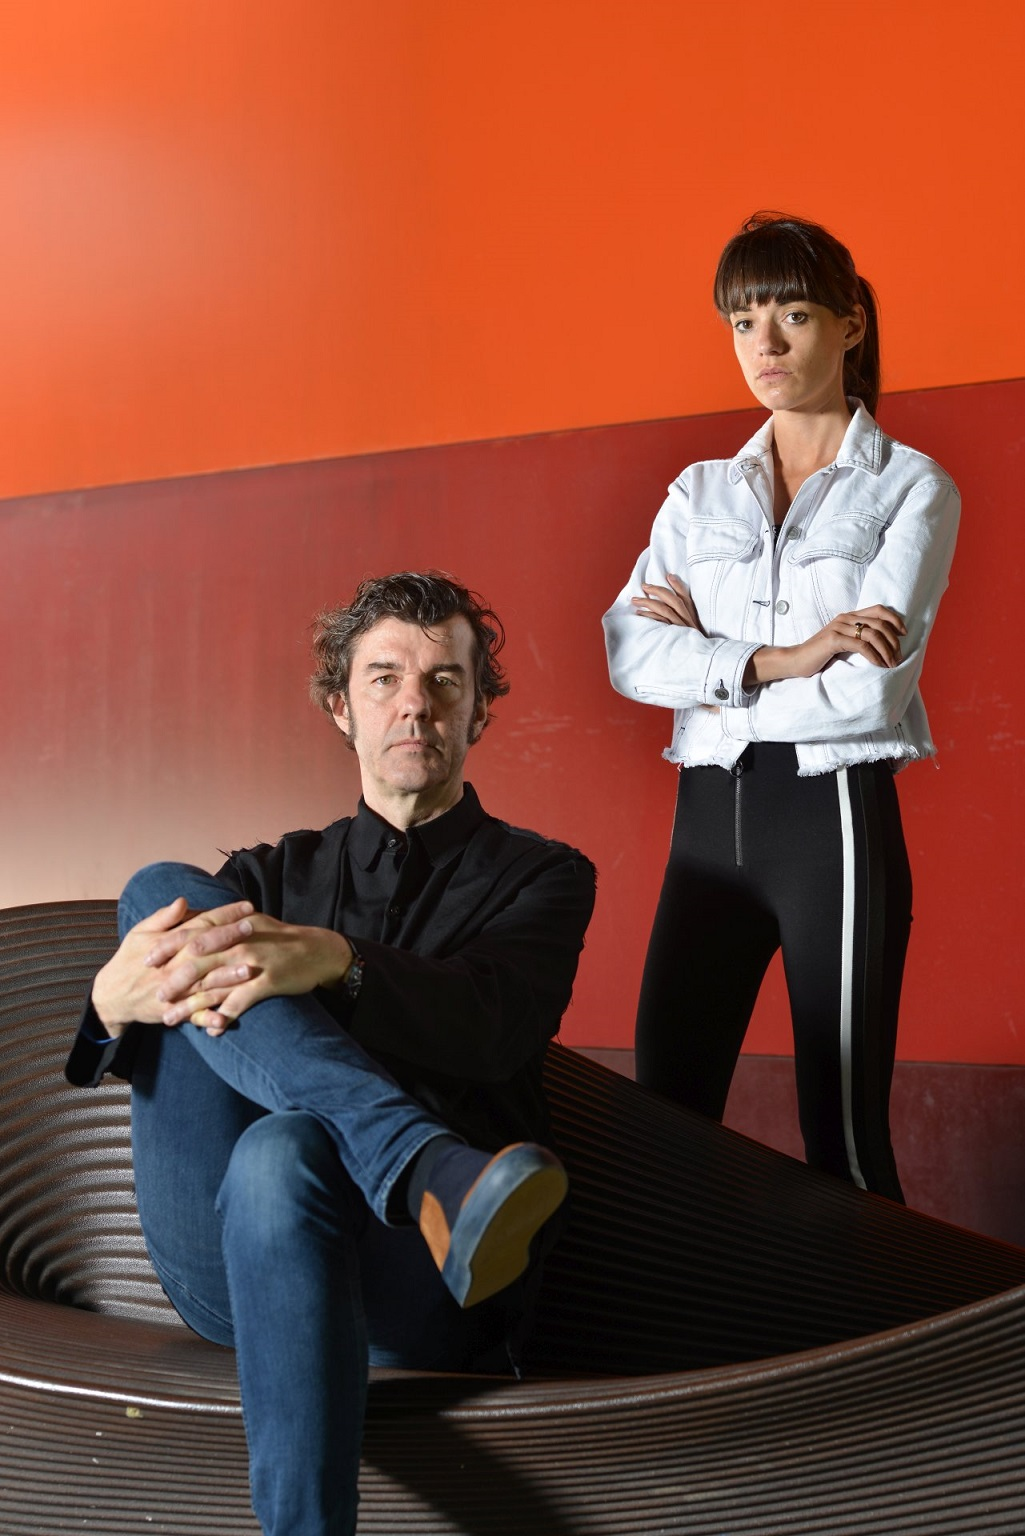 ג'סיקה וולש וסטפן זגמייסטר היום, במוזיאון העיצוב חולון, צילום: שי בן אפרים